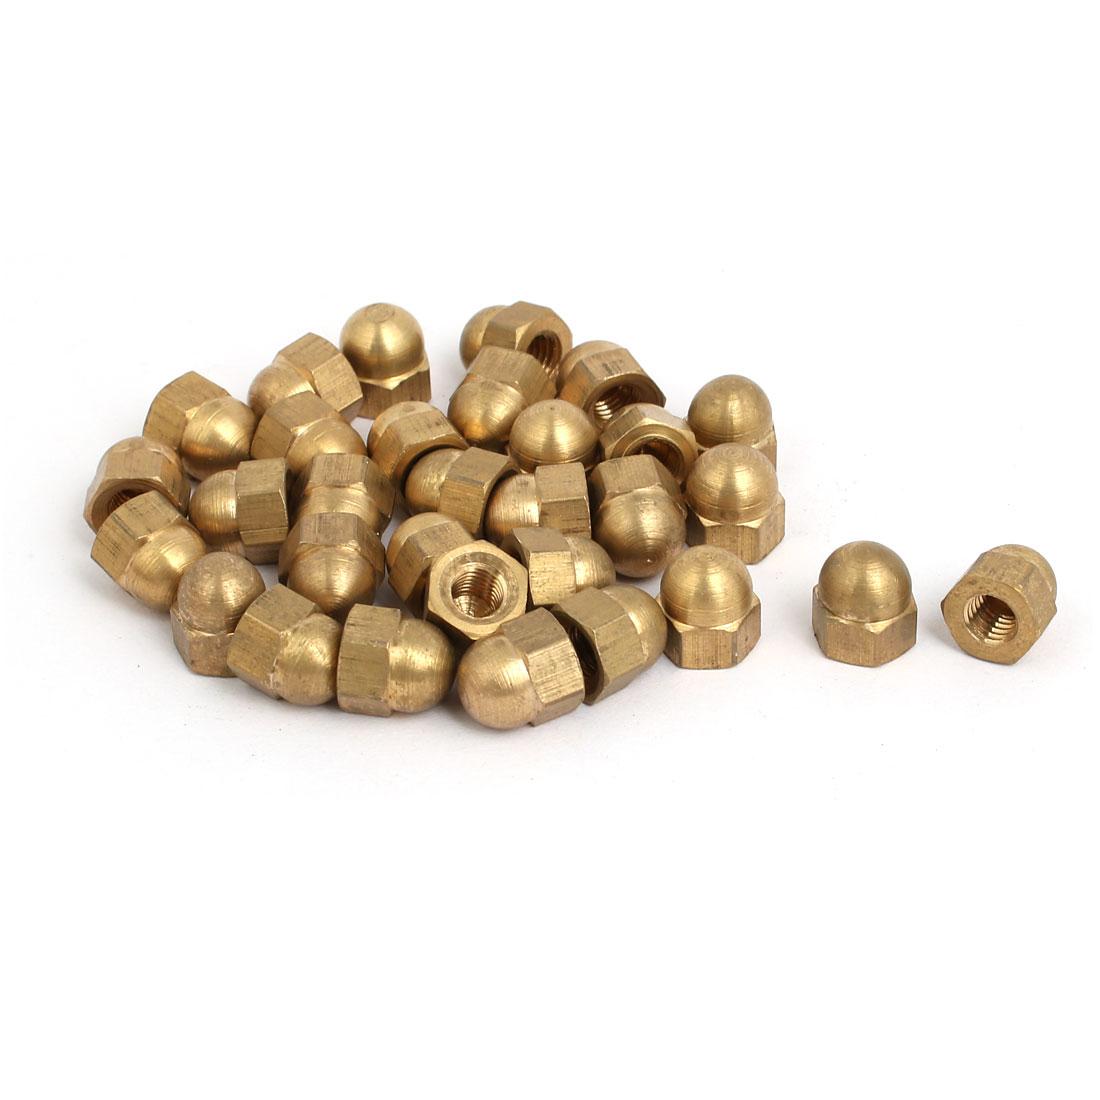 30pcs M5 Female Thread Nut DIN1587 Dome Cap Head Hex Brass Tone